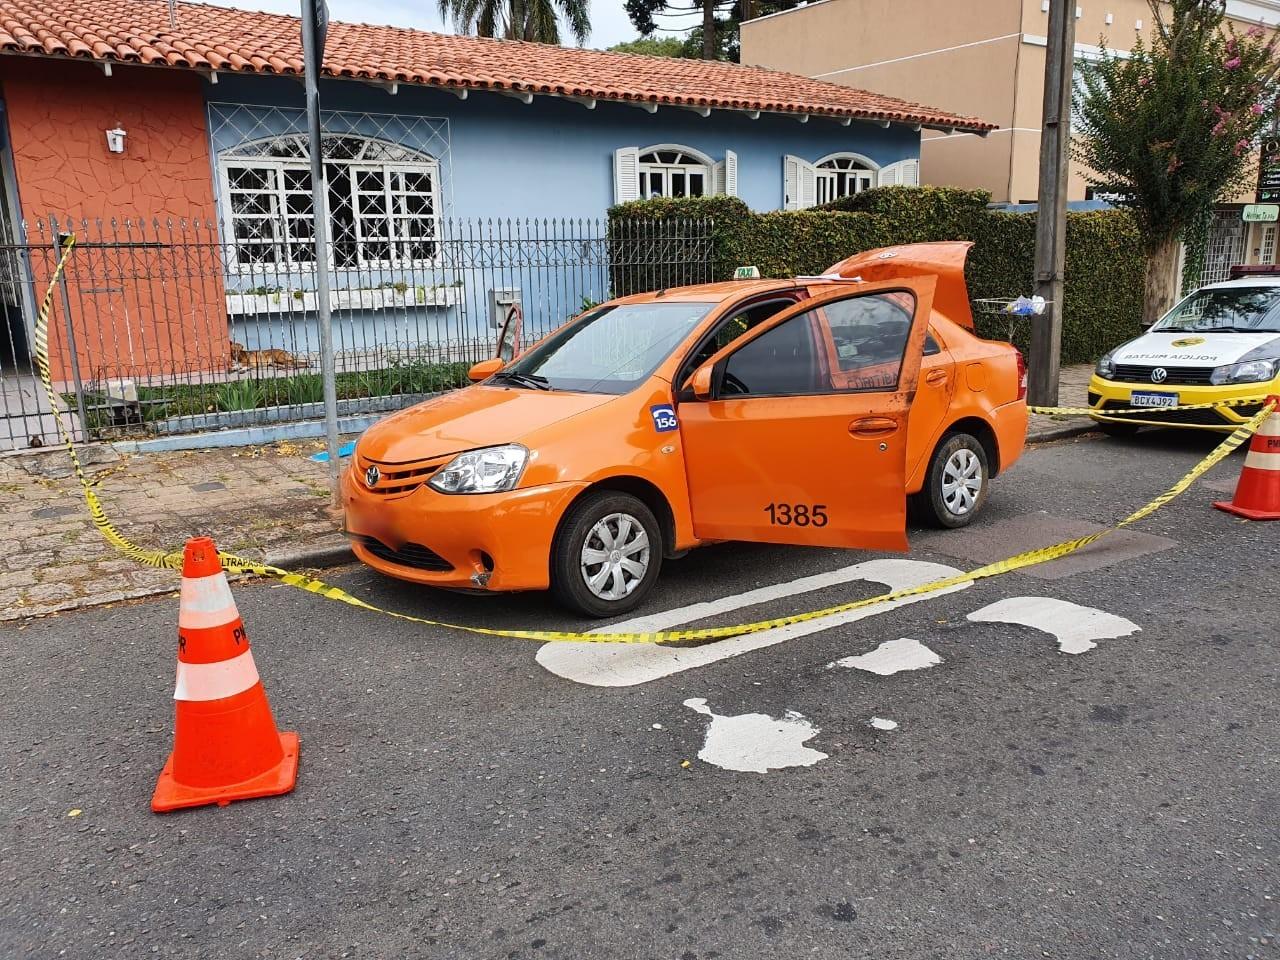 Motorista de aplicativo é encontrado morto na Região de Curitiba, diz polícia